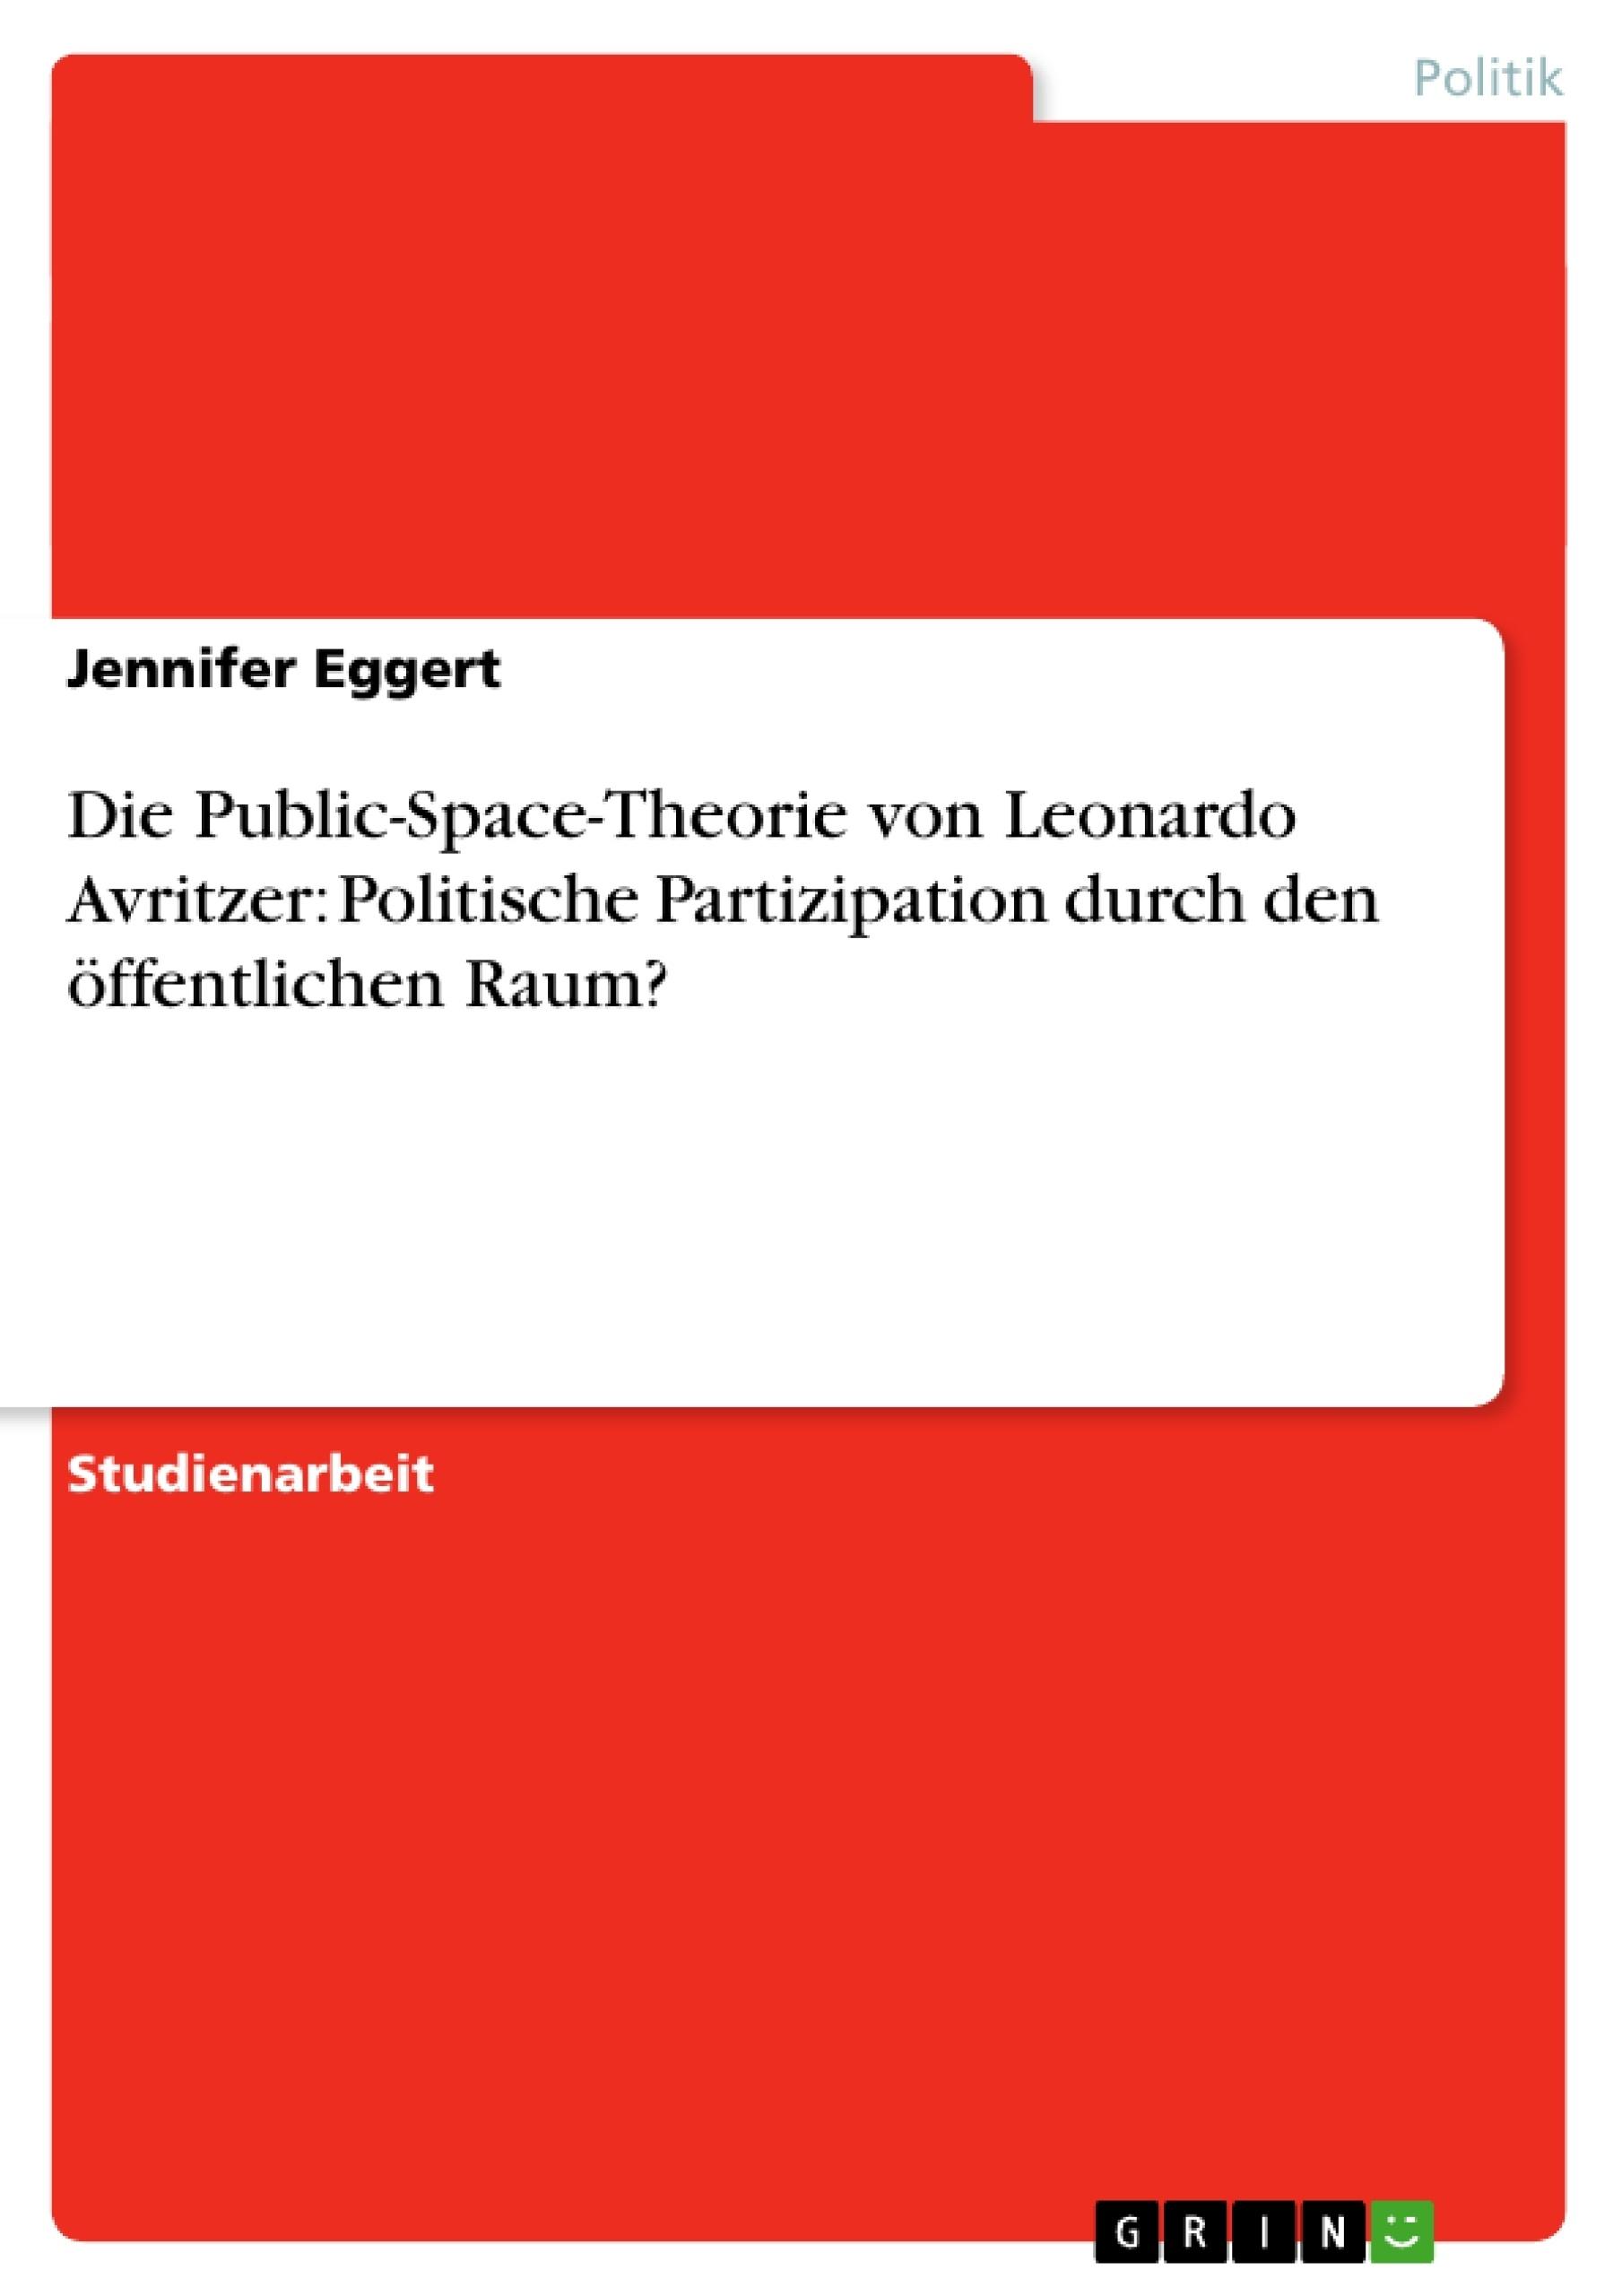 Titel: Die Public-Space-Theorie von Leonardo Avritzer: Politische Partizipation durch den öffentlichen Raum?